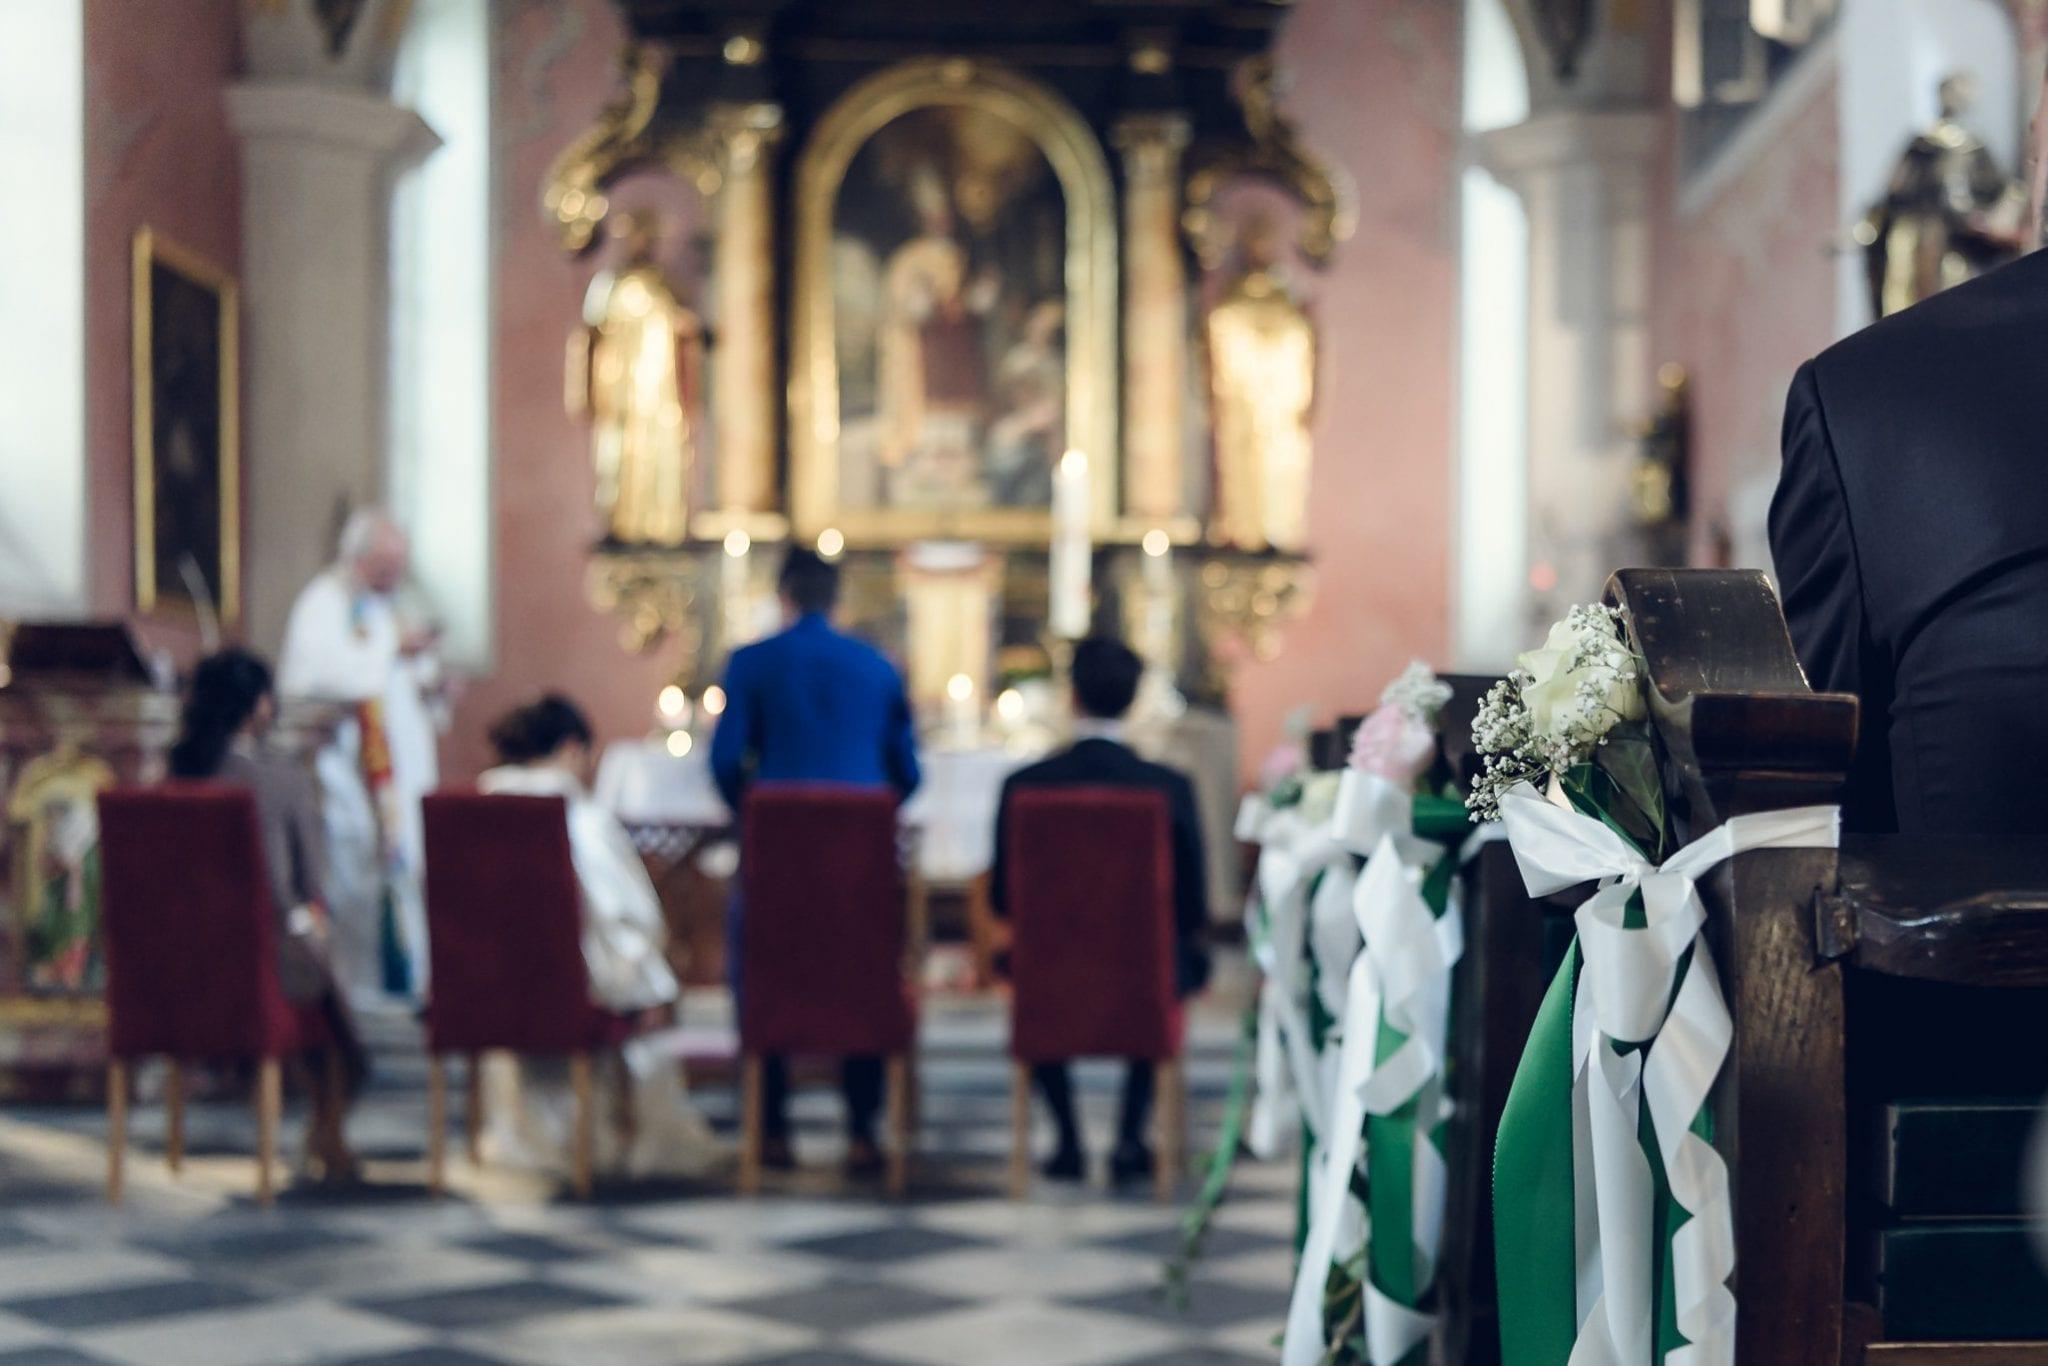 Hochzeit Kircheninnenaufnahme